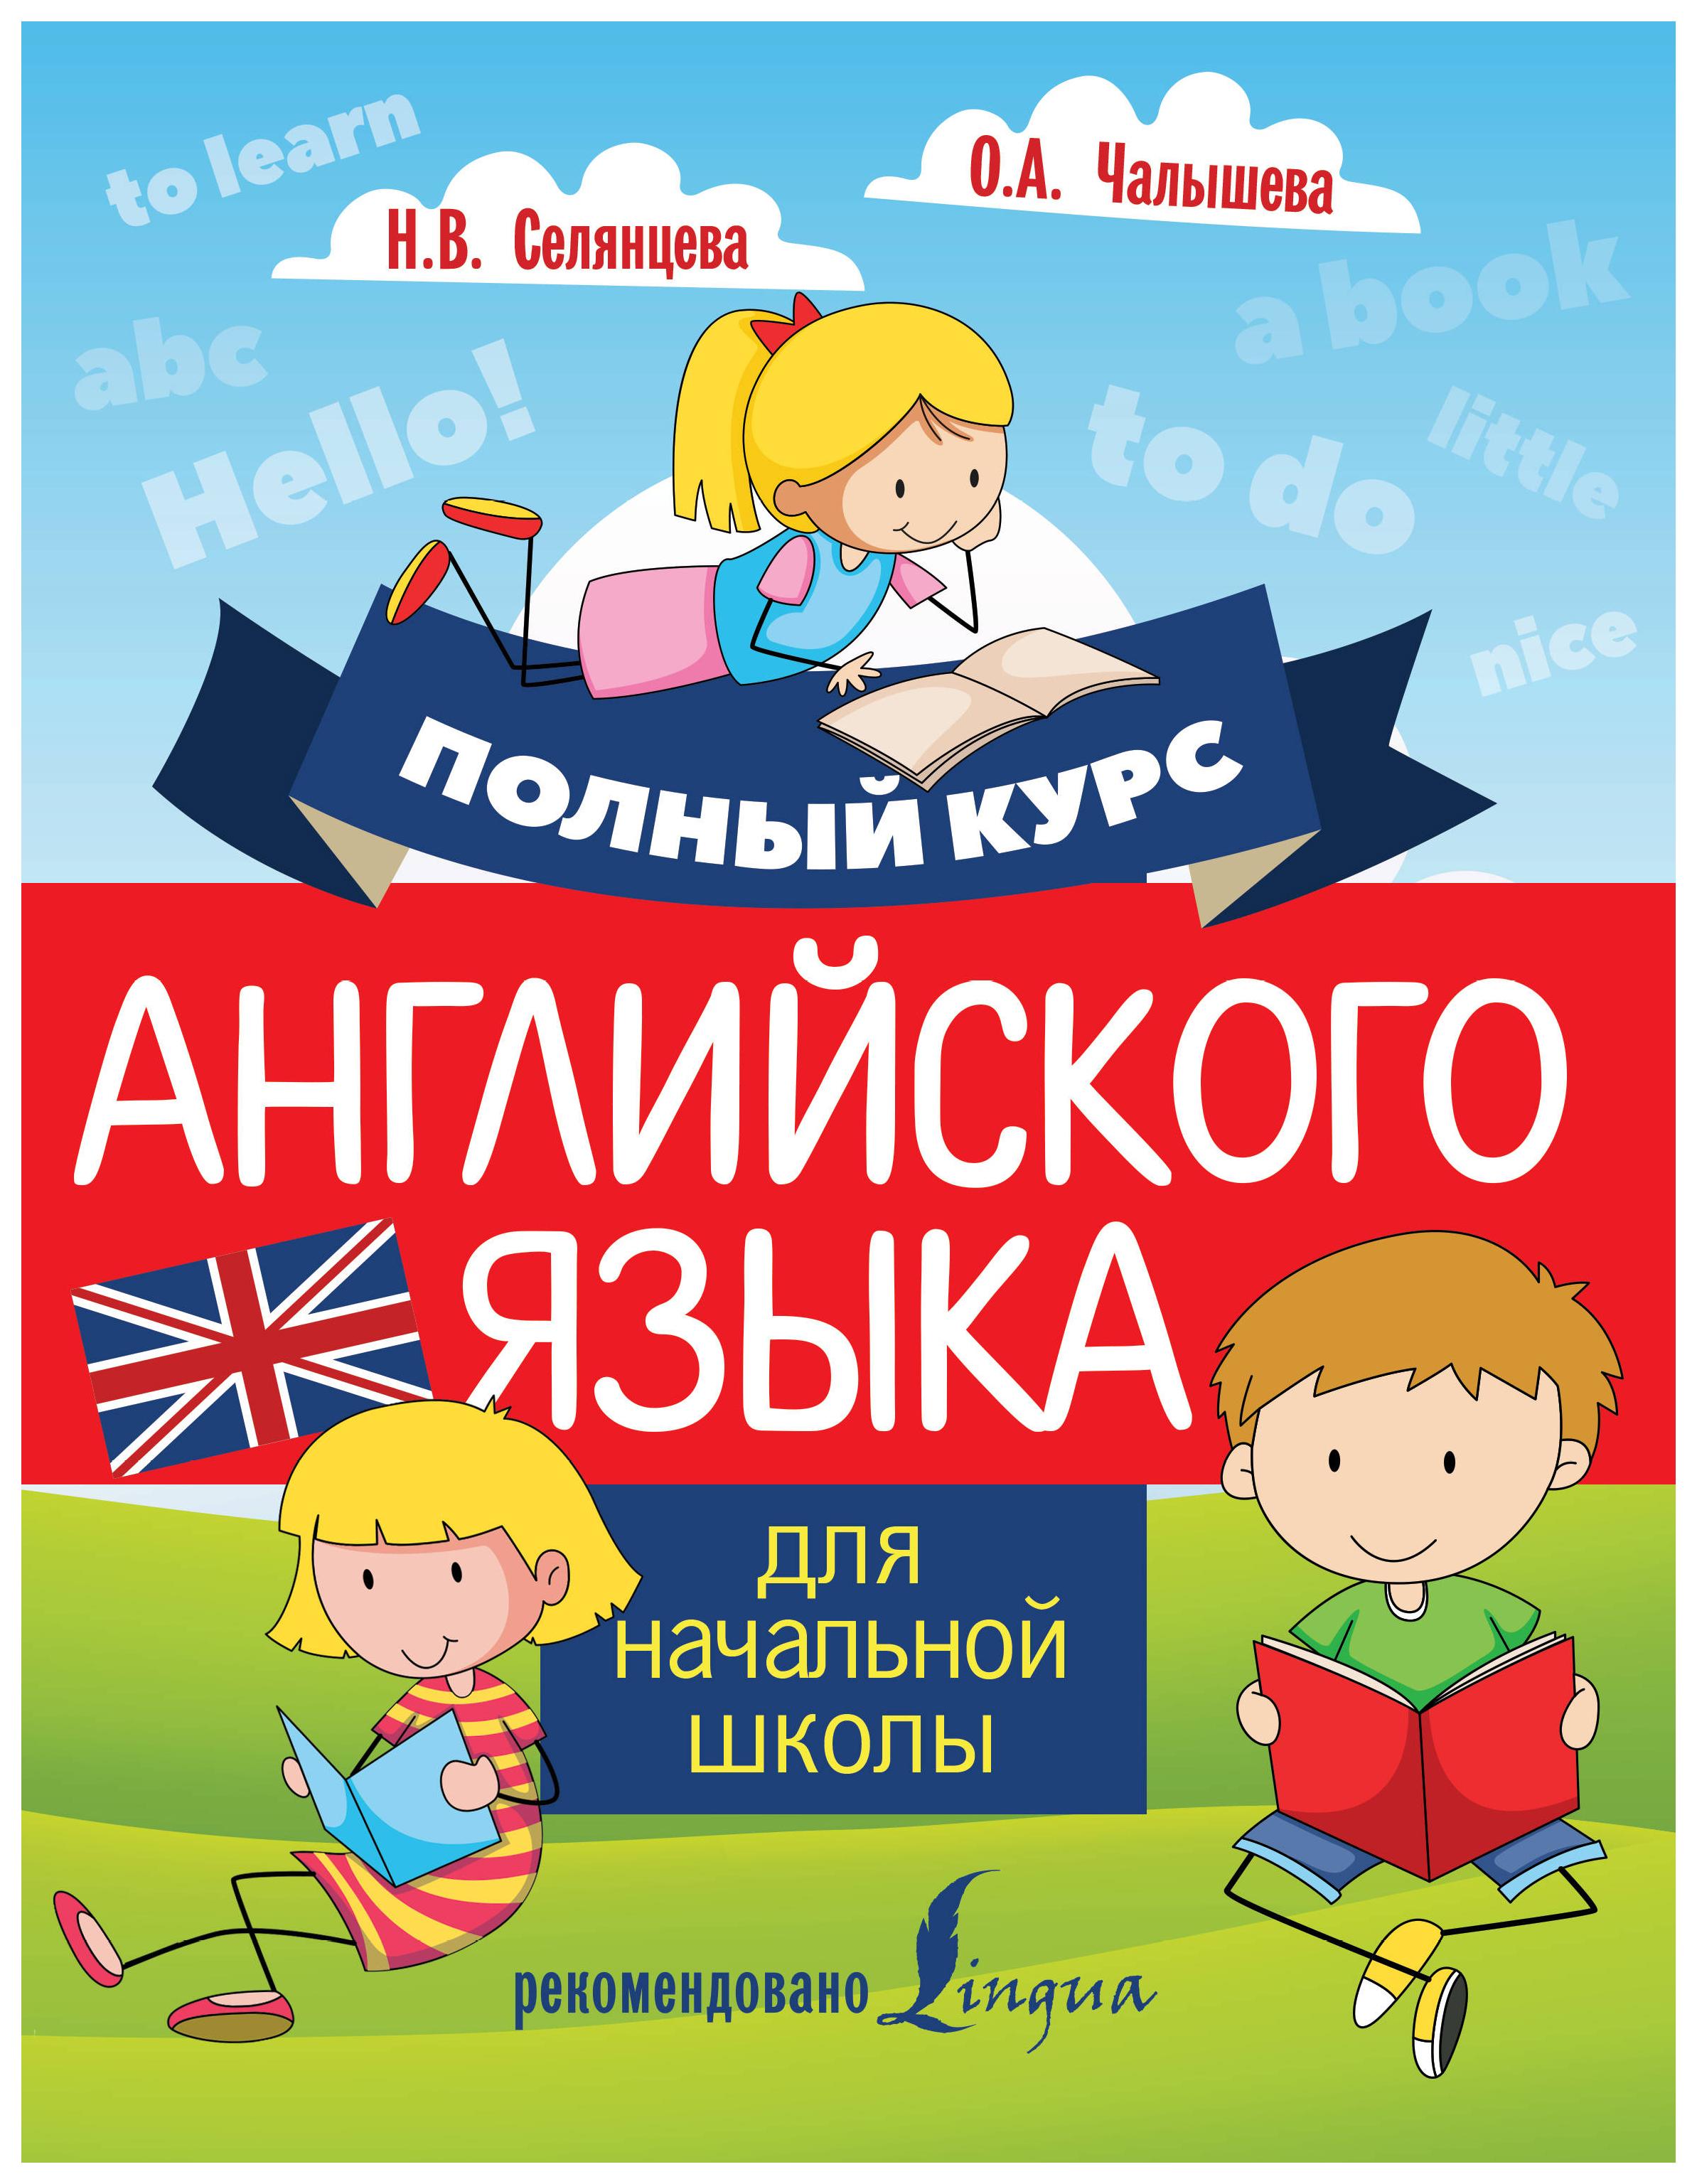 Купить Книга АСТ Селянцева Н.В. Чалышева О.А. Полный курс английского языка для начальной школы, Книги по обучению и развитию детей